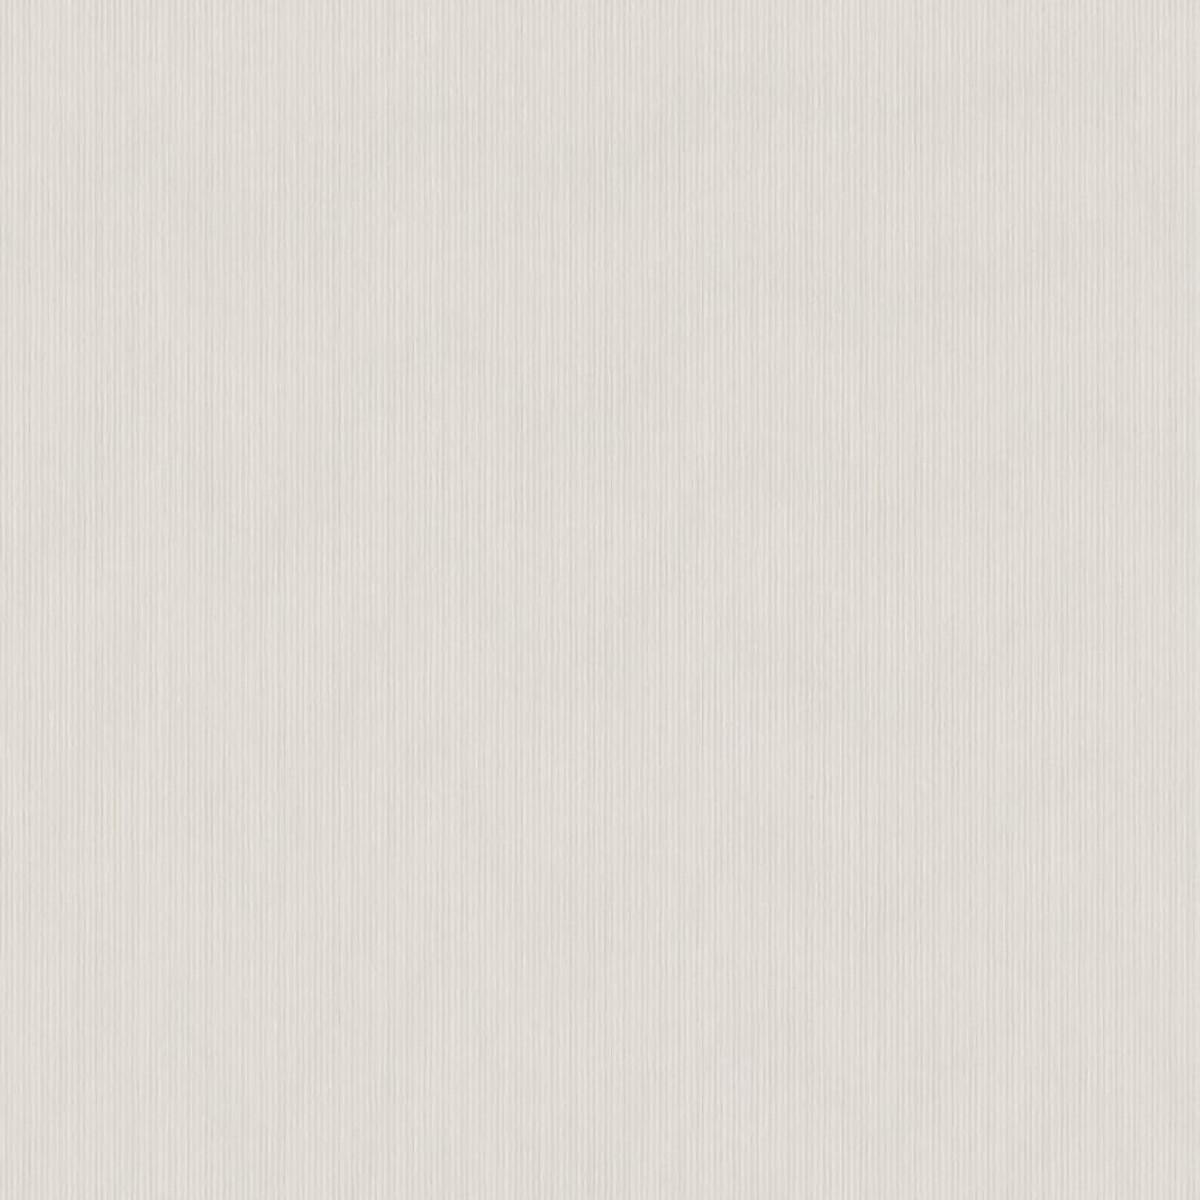 Обои флизелиновые Grandeco Nuances серые 0.53 м NU1004